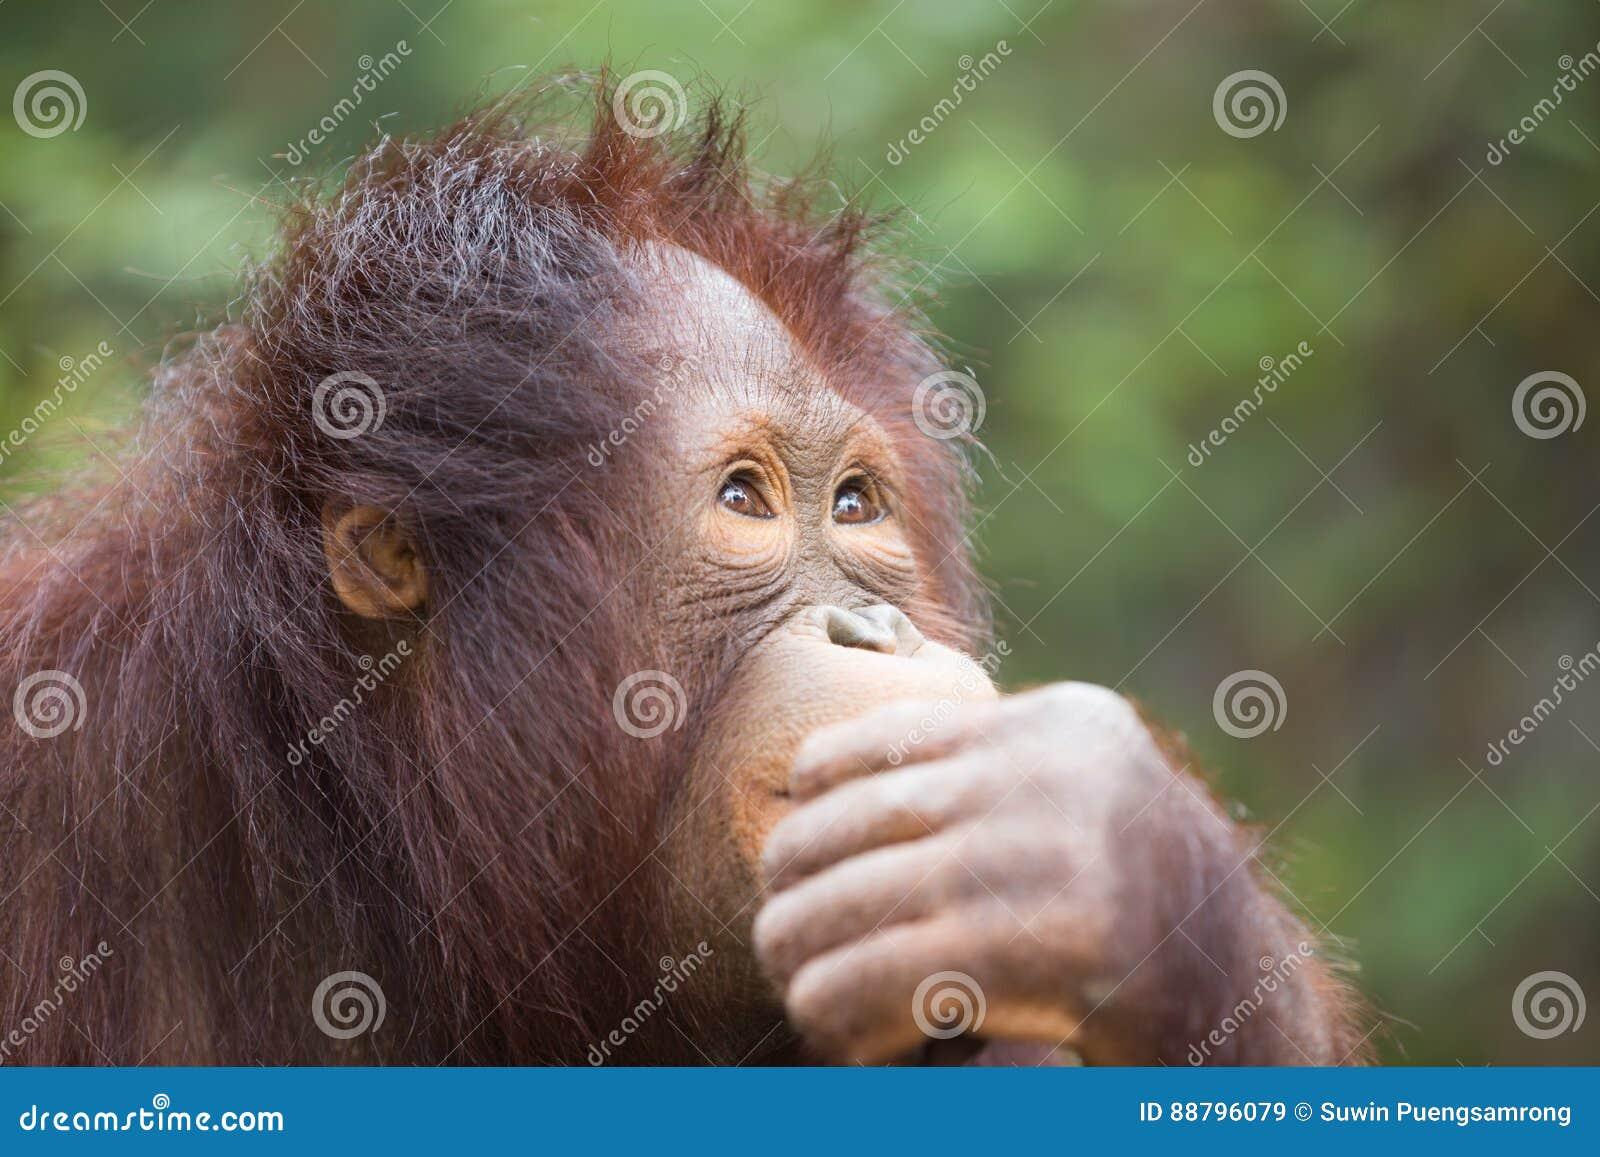 Zbliżenie szympansa główkowanie, biznesowy pojęcie